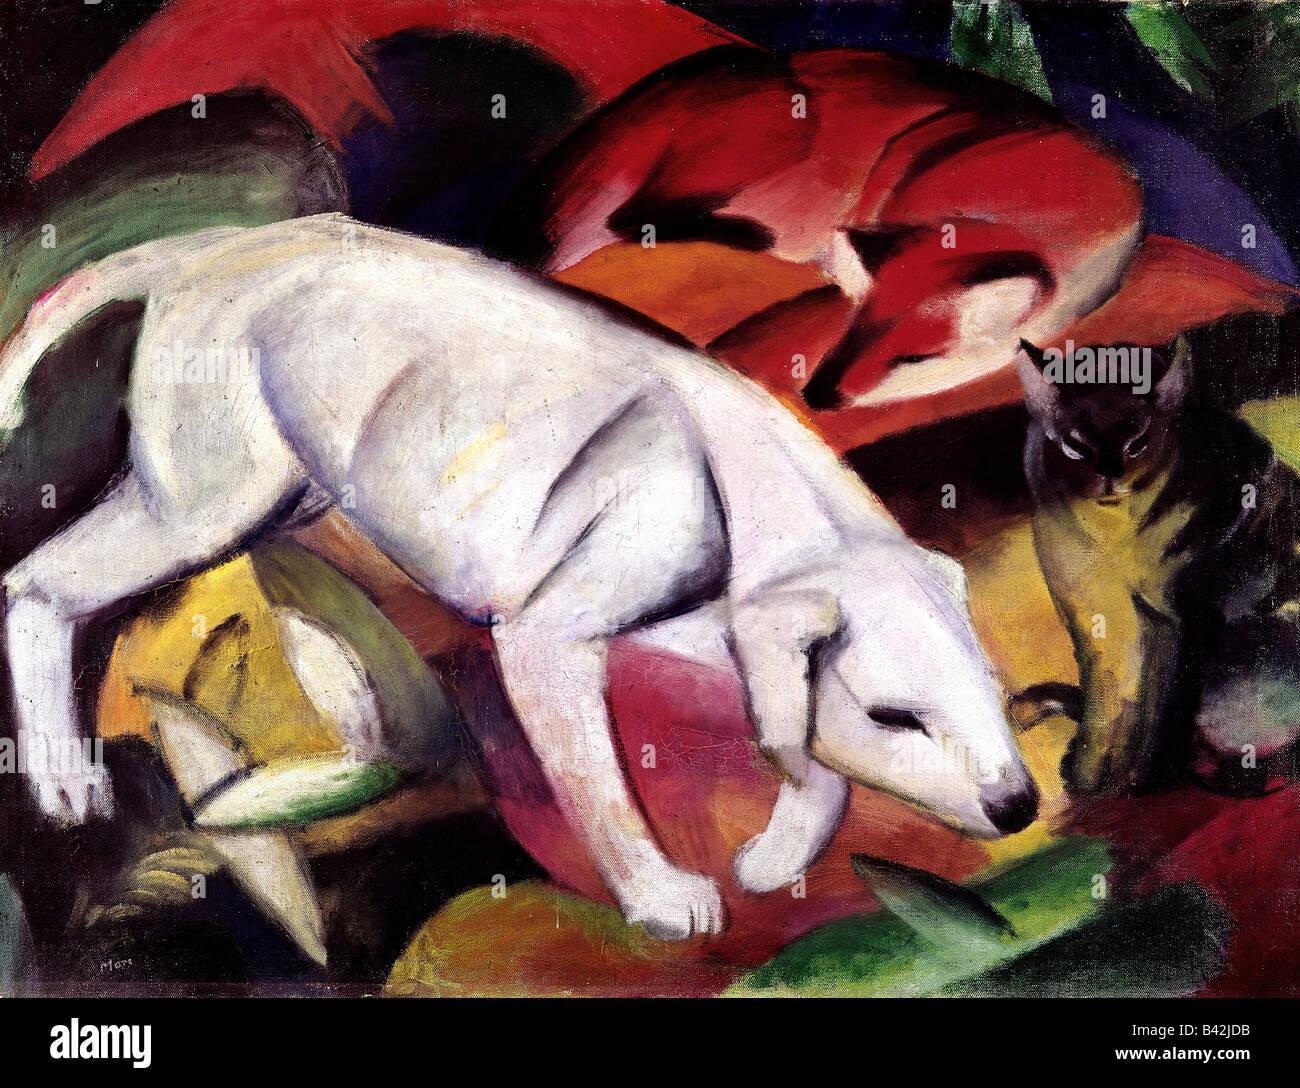 Bildende Kunst, Marc, Franz, 8.2.1880 - 4.3.1916, Malerei, 'Hund, Fuchs und Katze', (Hund, Fuchs Und Katze), Stockbild